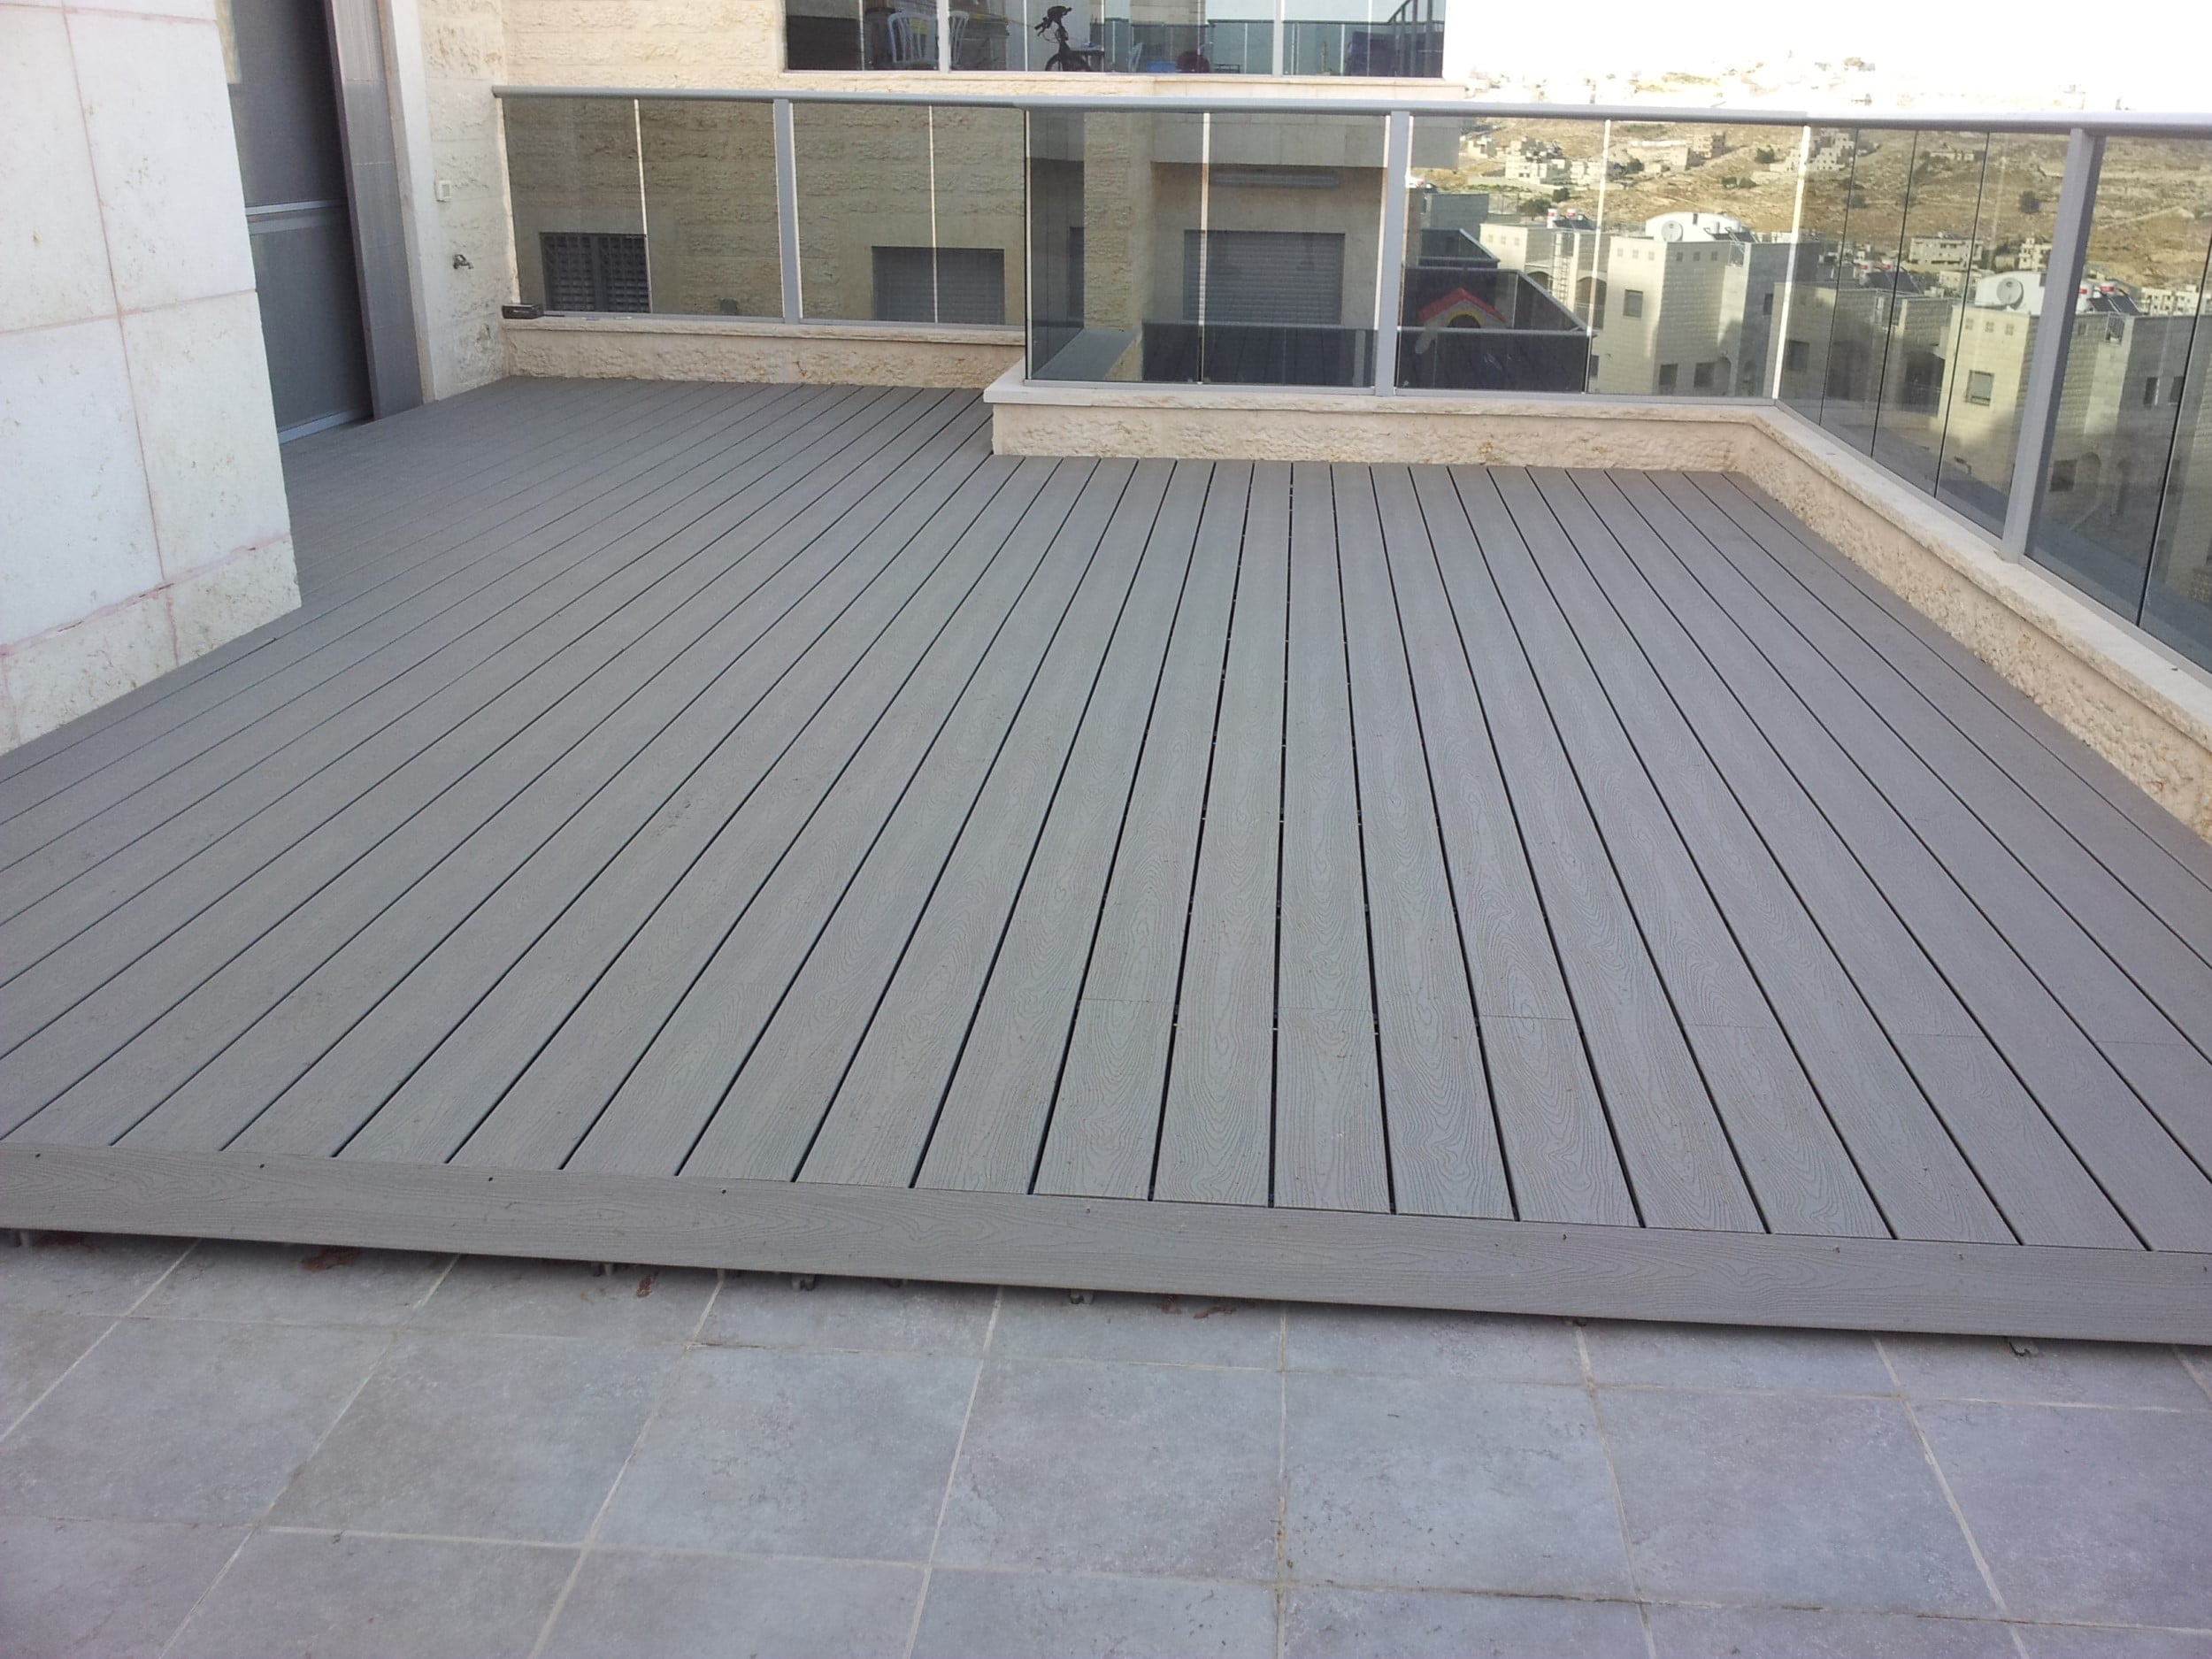 דק סינטטי, דק למרפסת בדירה במודיעין - חברת TREX המייצרים את הדקים הסינטטיים העמידים ביותר בעולם, חיפוי קירות דמוי עץ ומעקות עץ סינטטי דמוי עץ